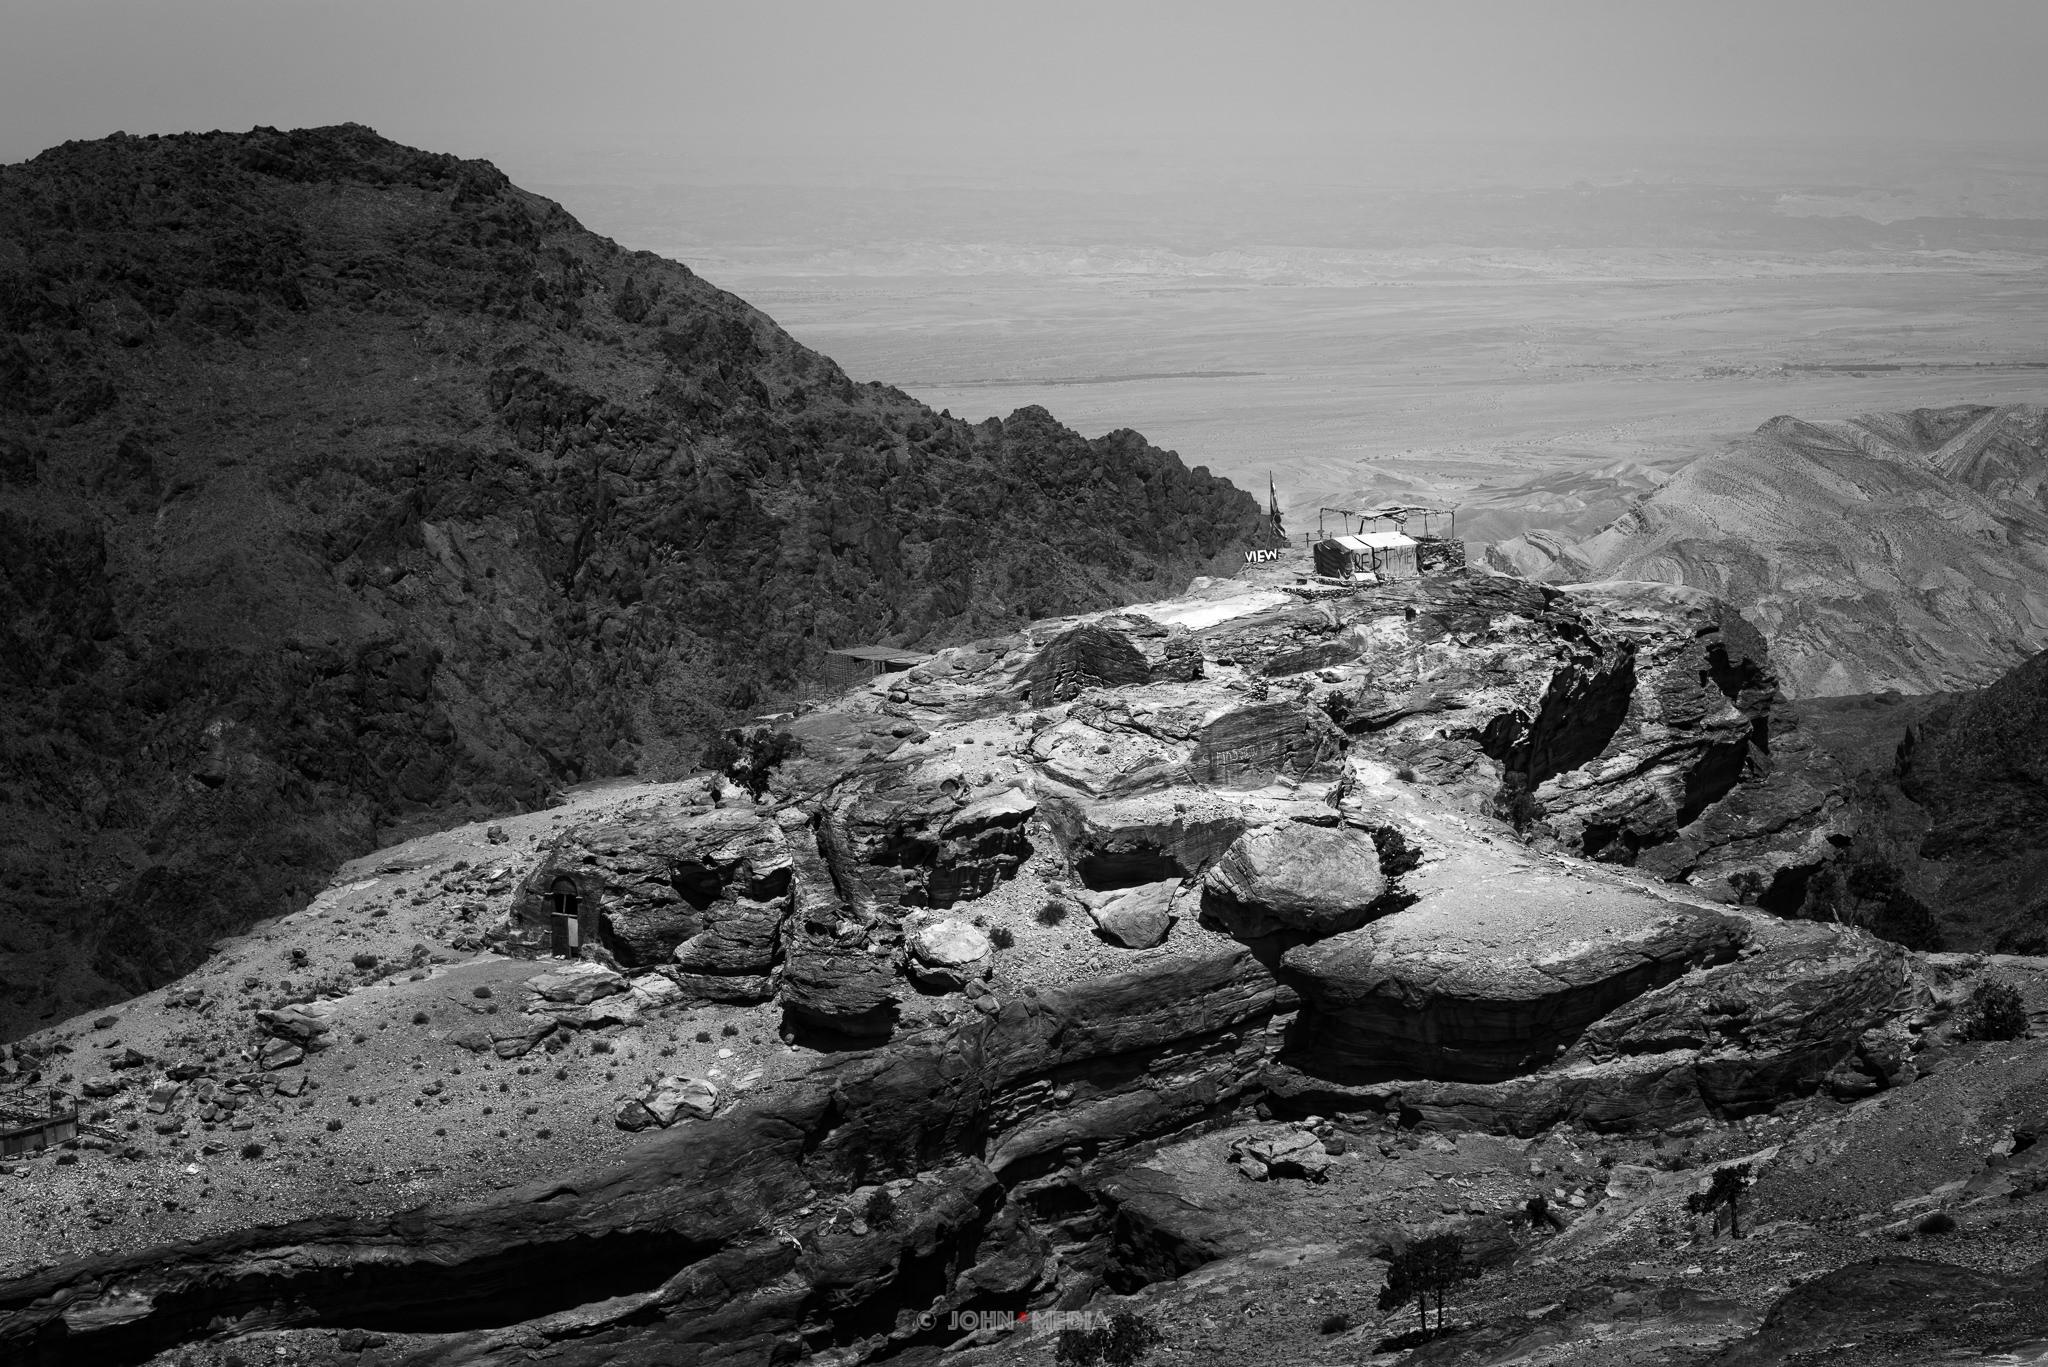 Petra desert view